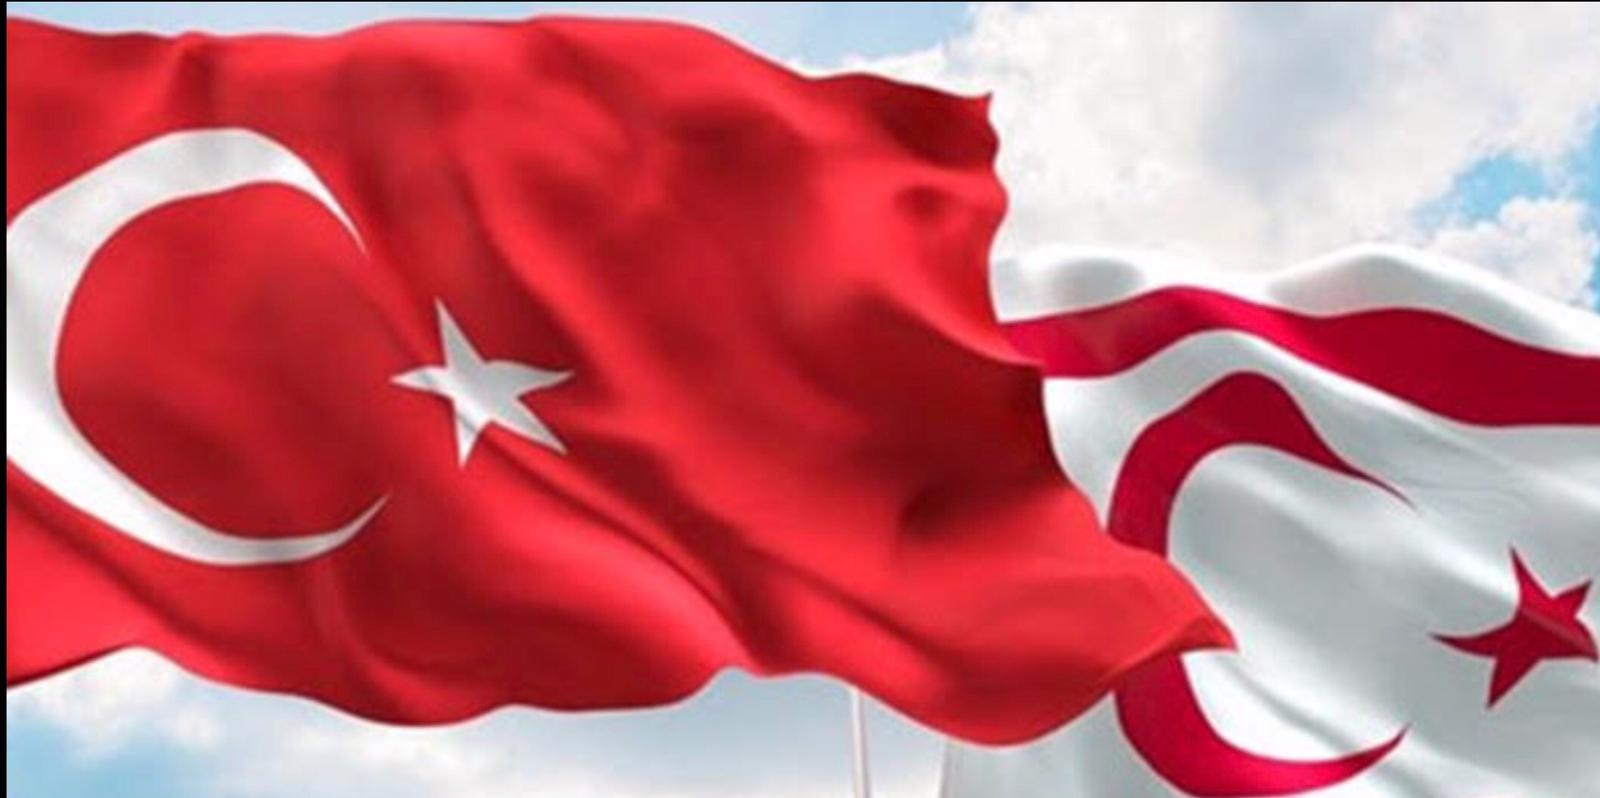 'Türkiye Kıbrıs'ta, 1974'te sağlanan huzur ve barış ortamının bozulmasına asla müsade etmeyecektir'